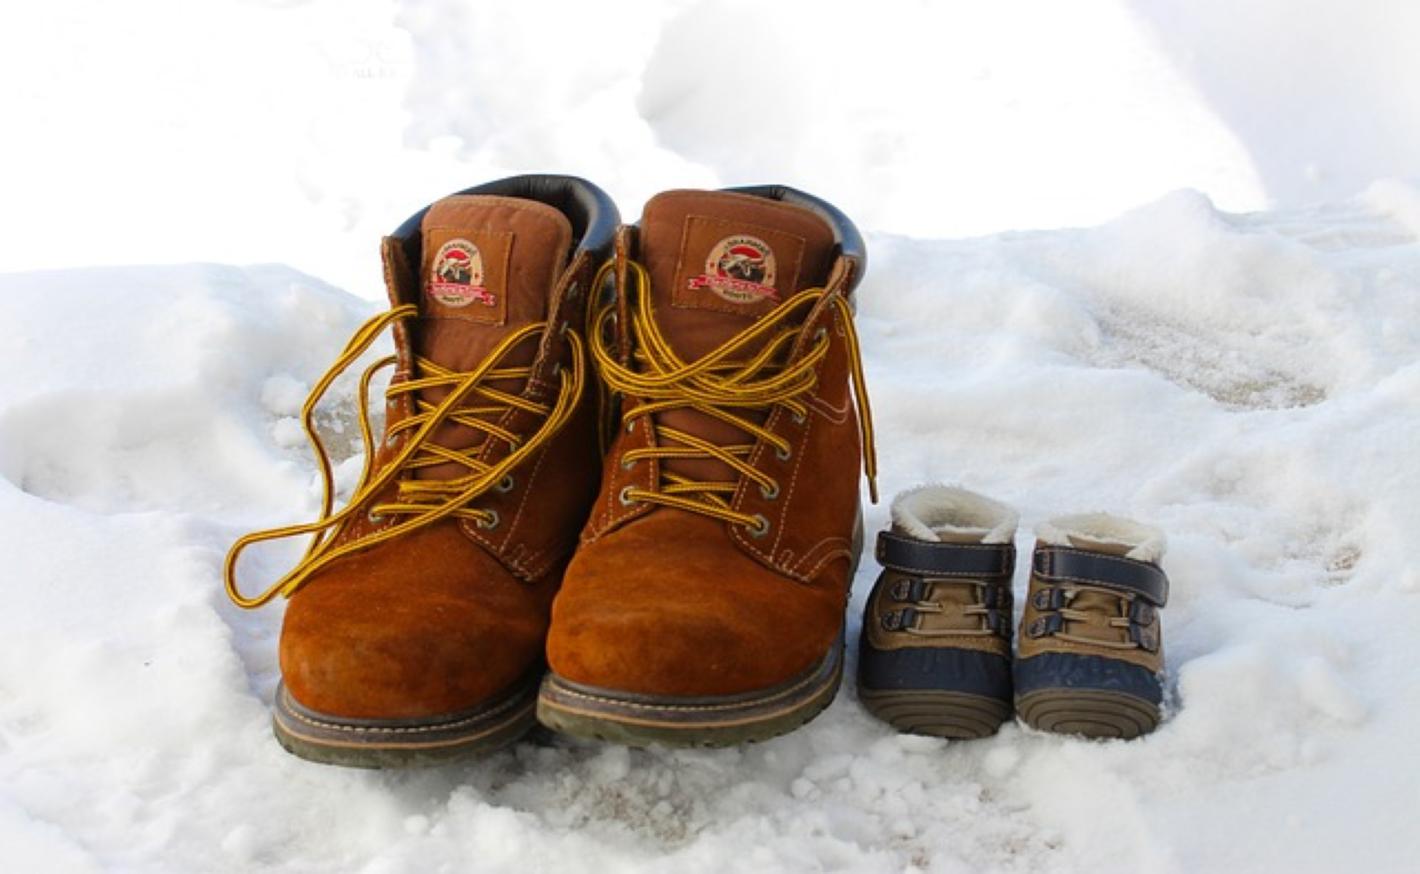 Zimní boty pro děti? Základem je správná velikost